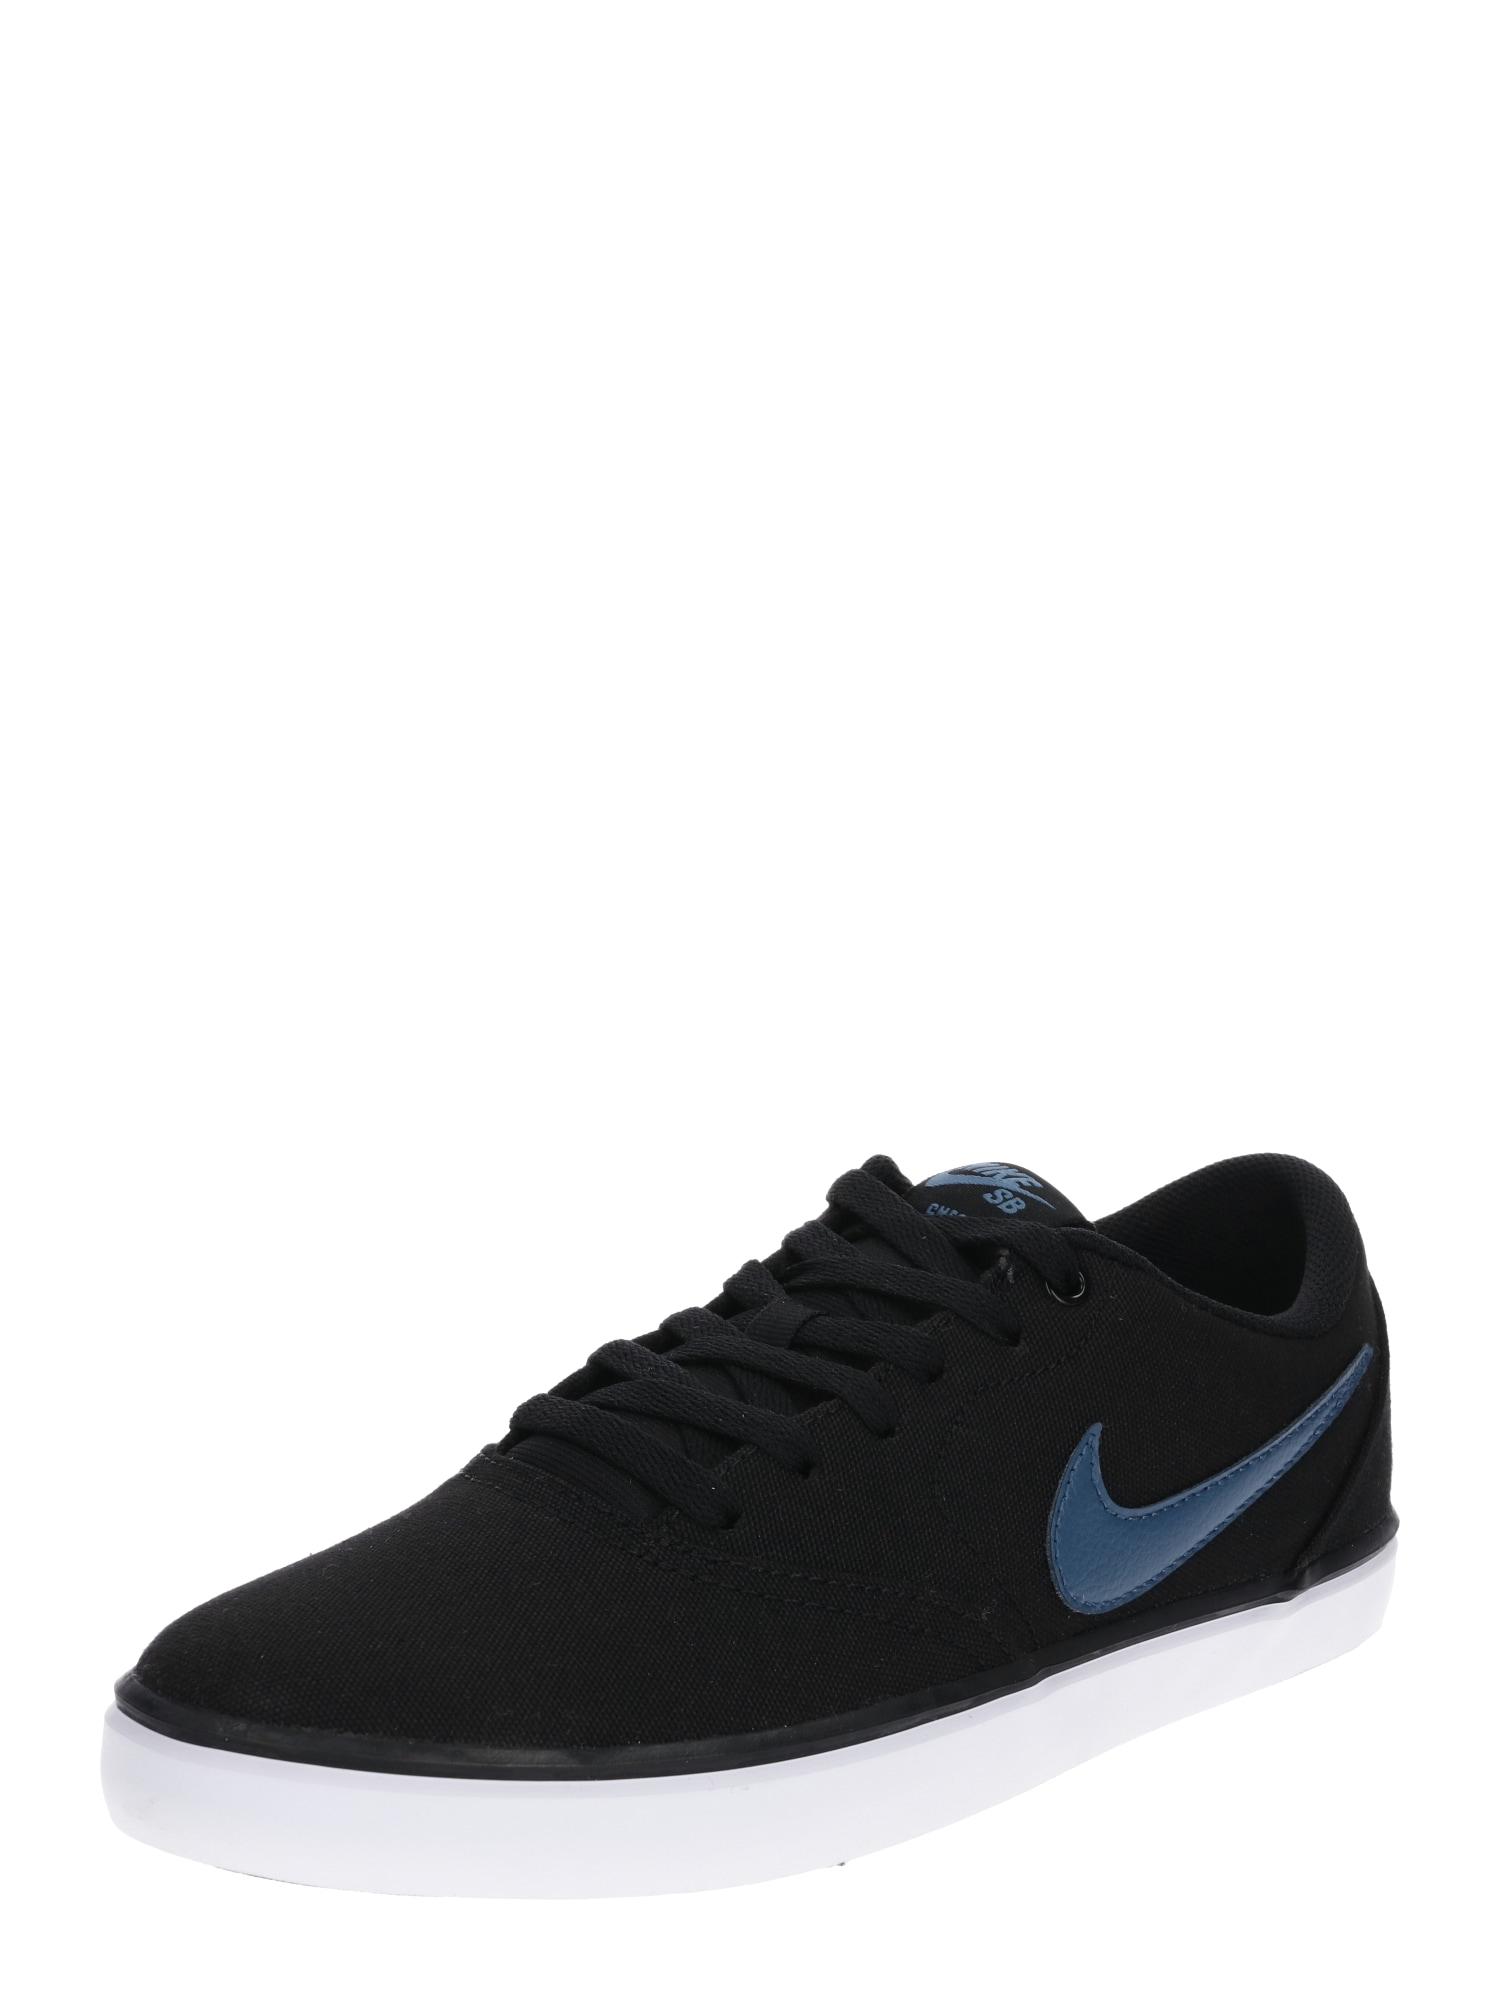 Tenisky tmavě modrá bílá Nike SB